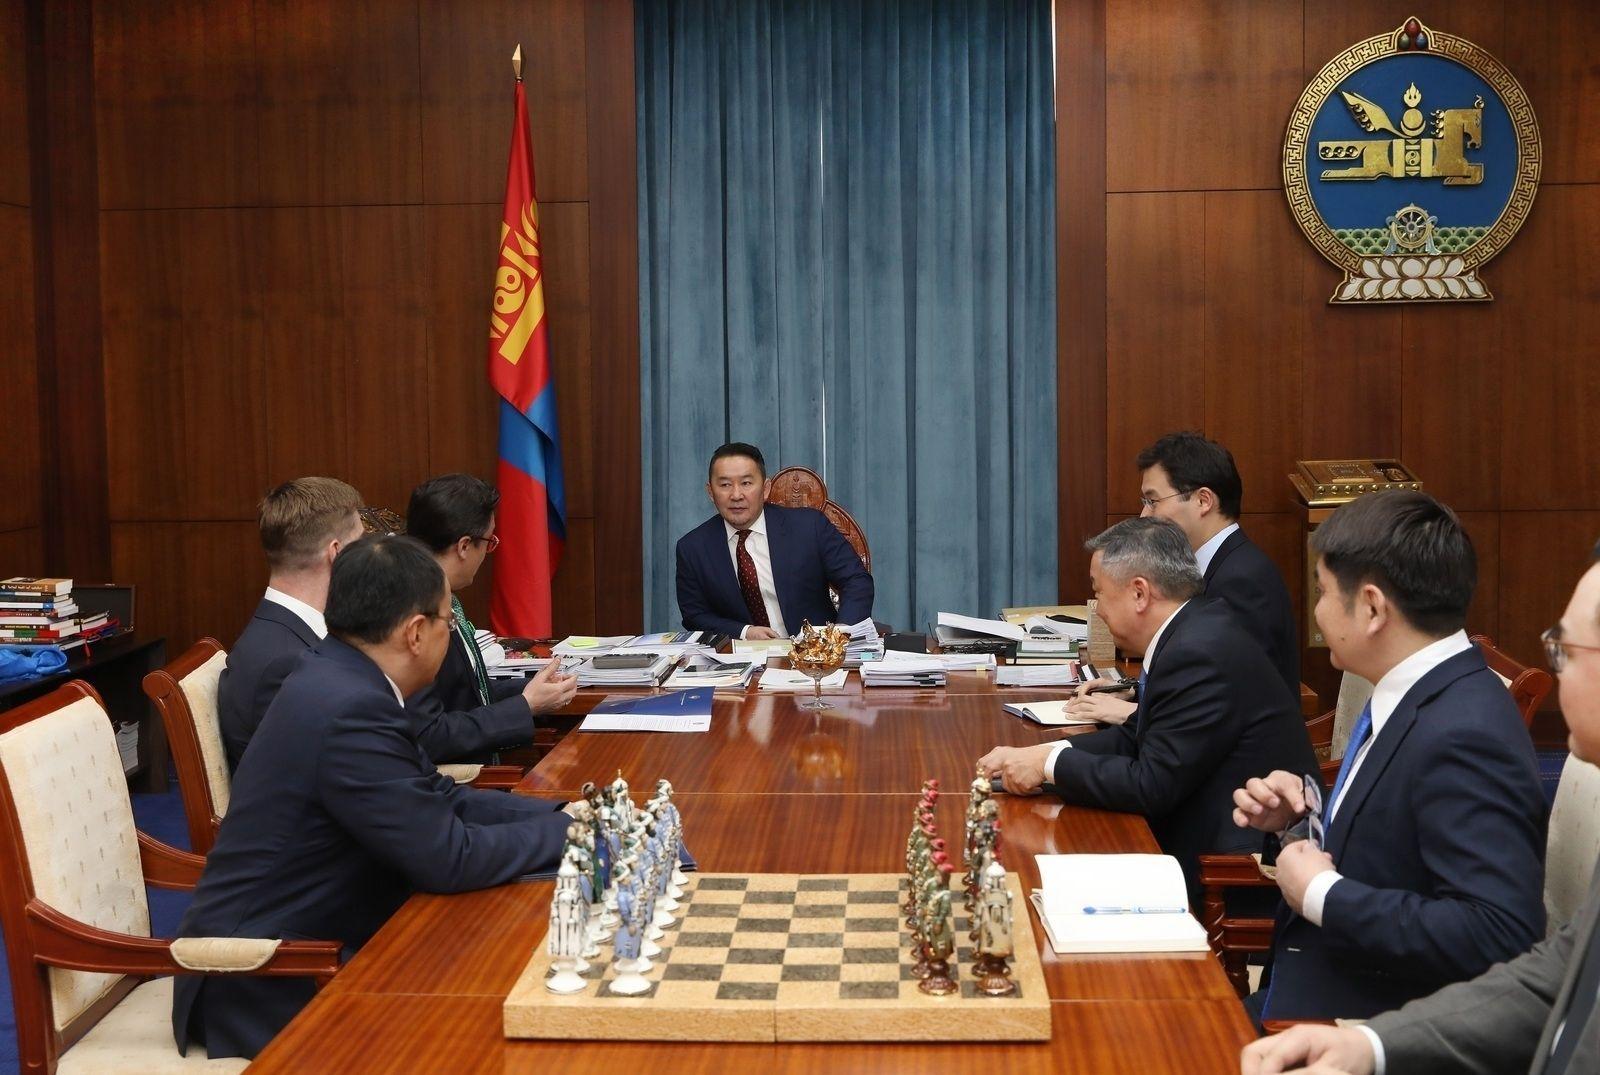 Ерөнхийлөгч Монгол дахь Америкийн худалдааны танхимын төлөөлөгчидтэй уулзав